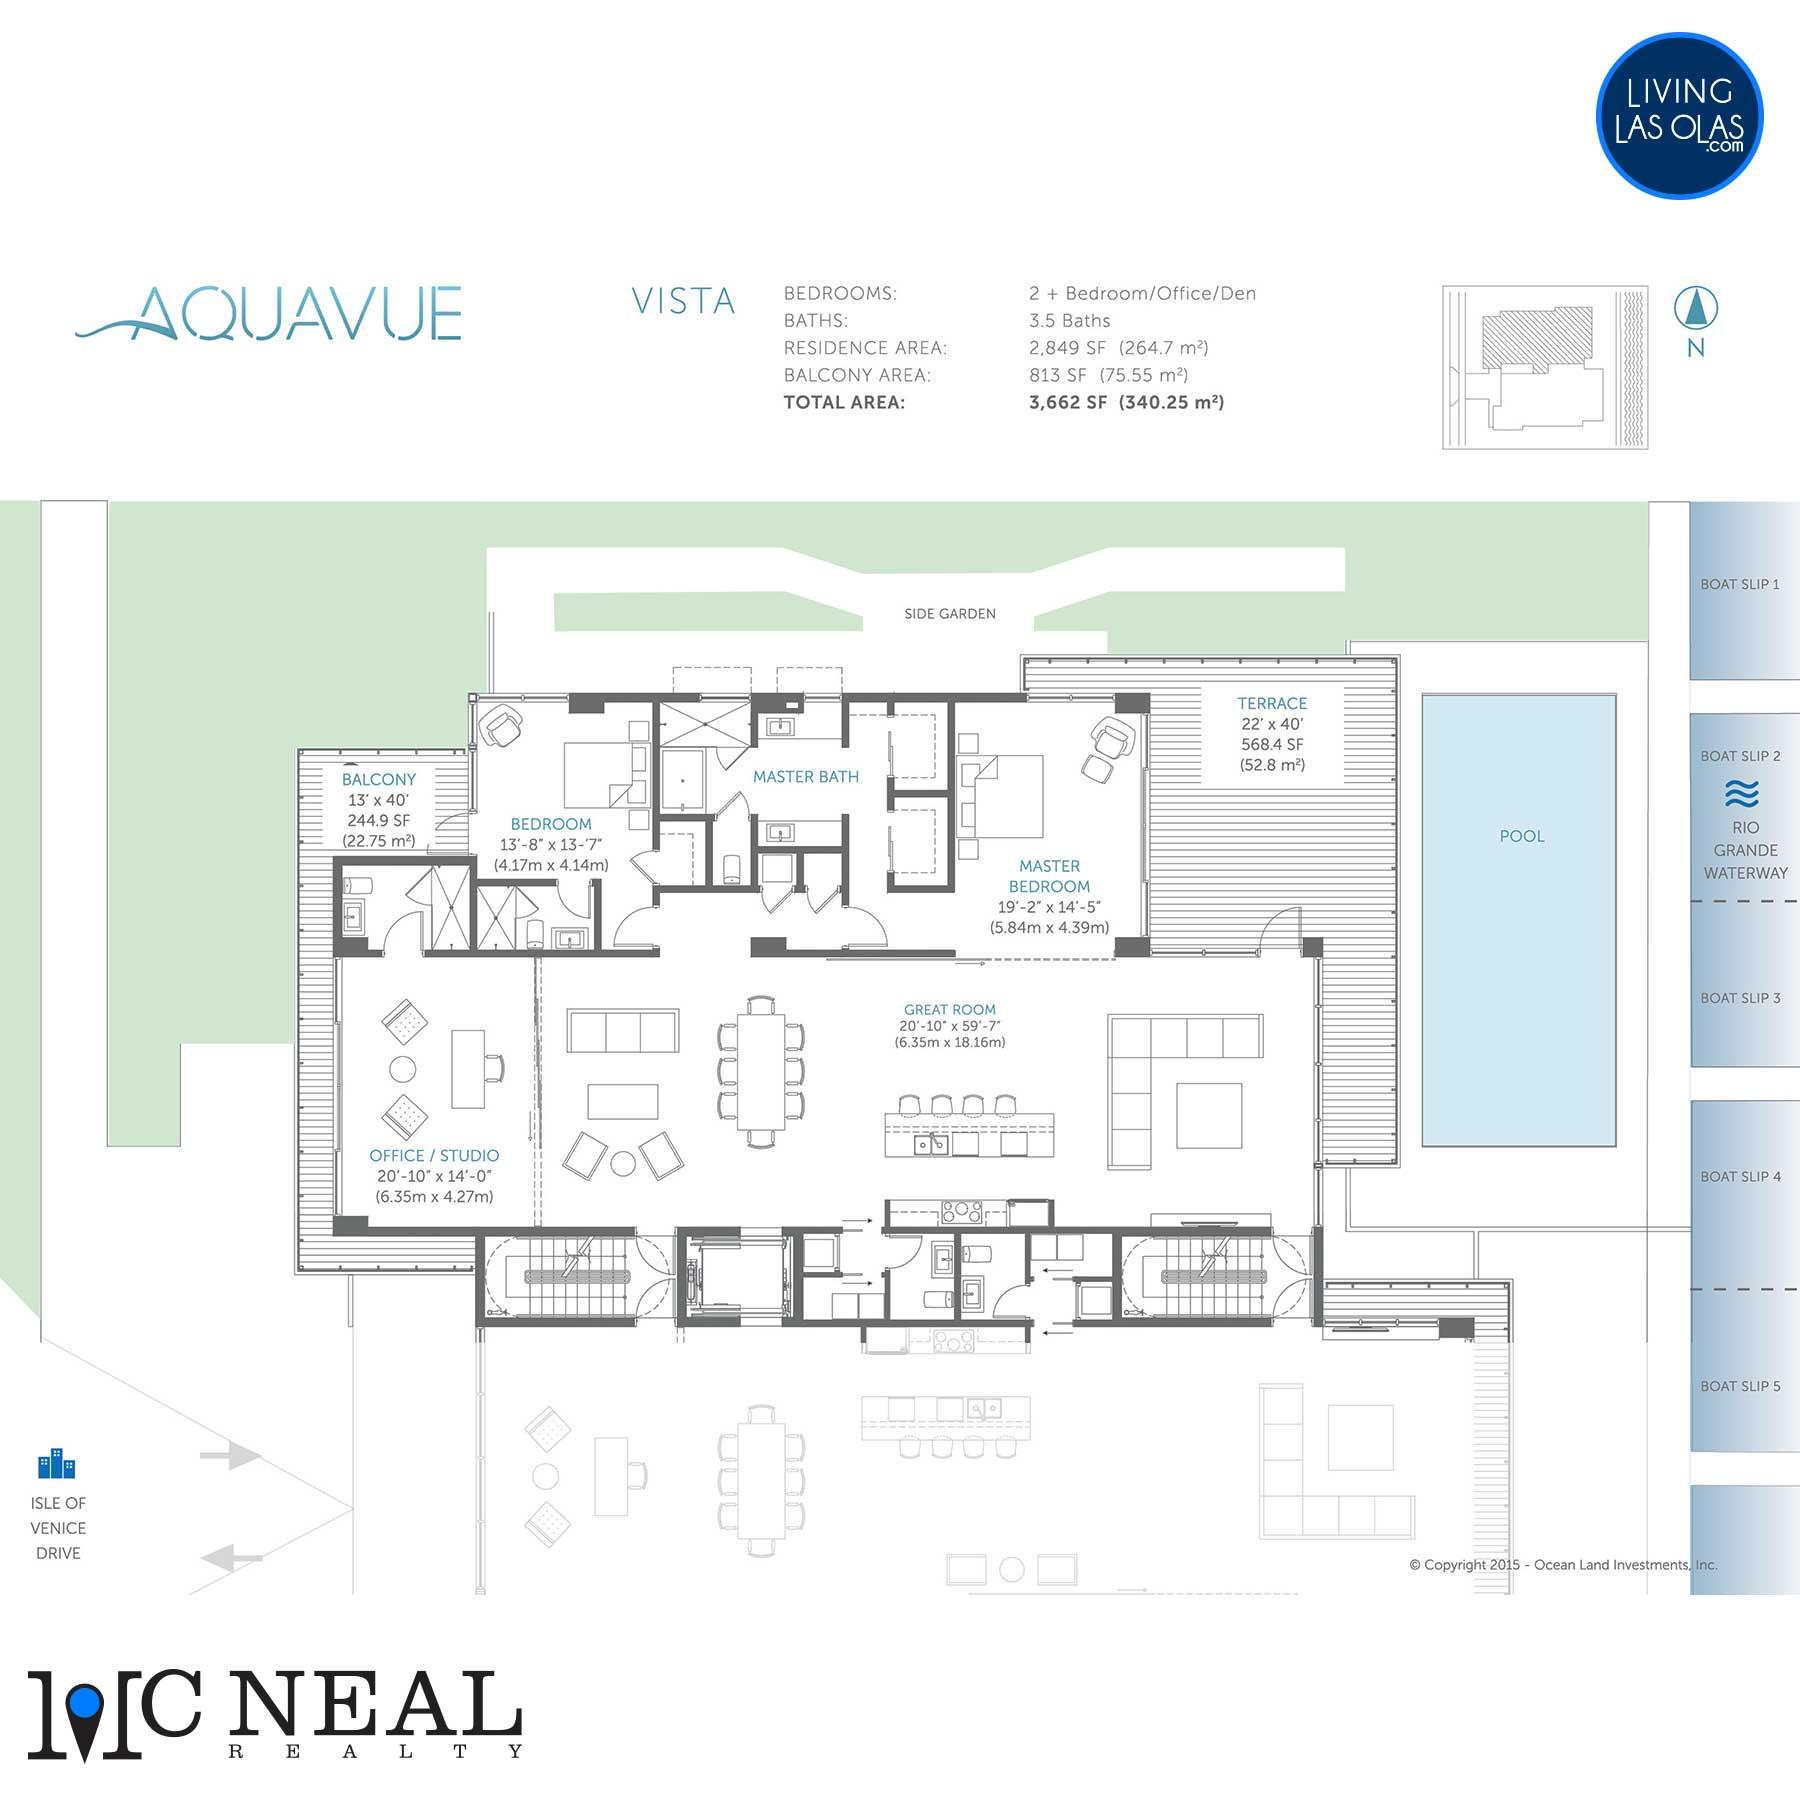 AquaVue Las Olas Floor Plans Vista